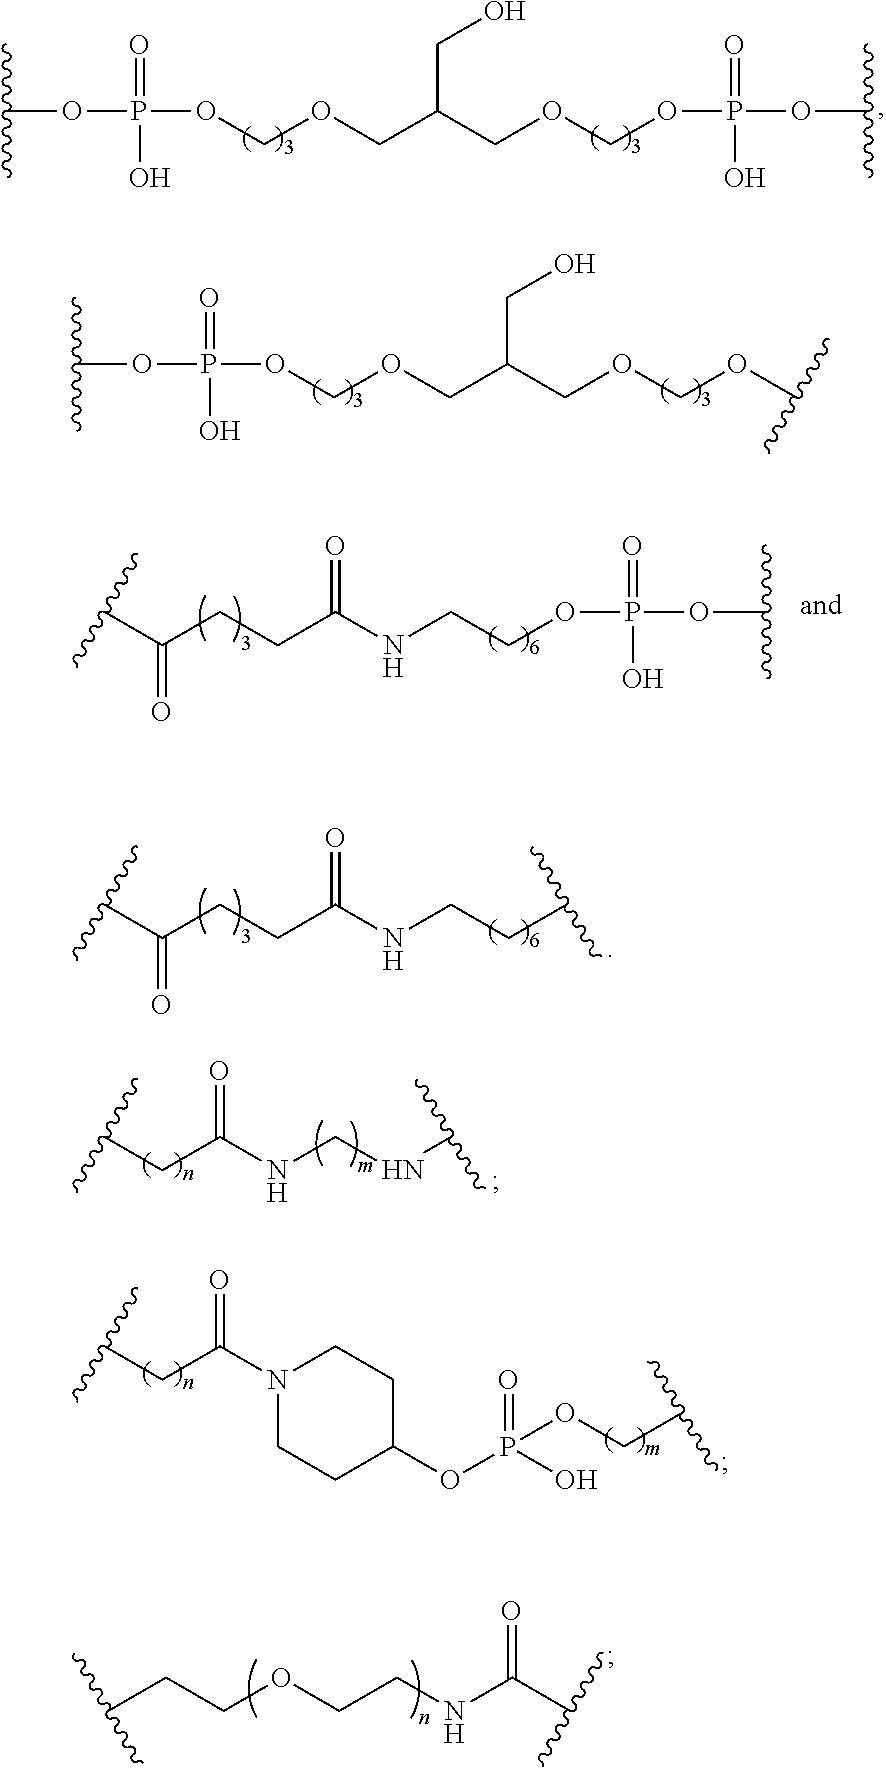 Figure US09932581-20180403-C00024